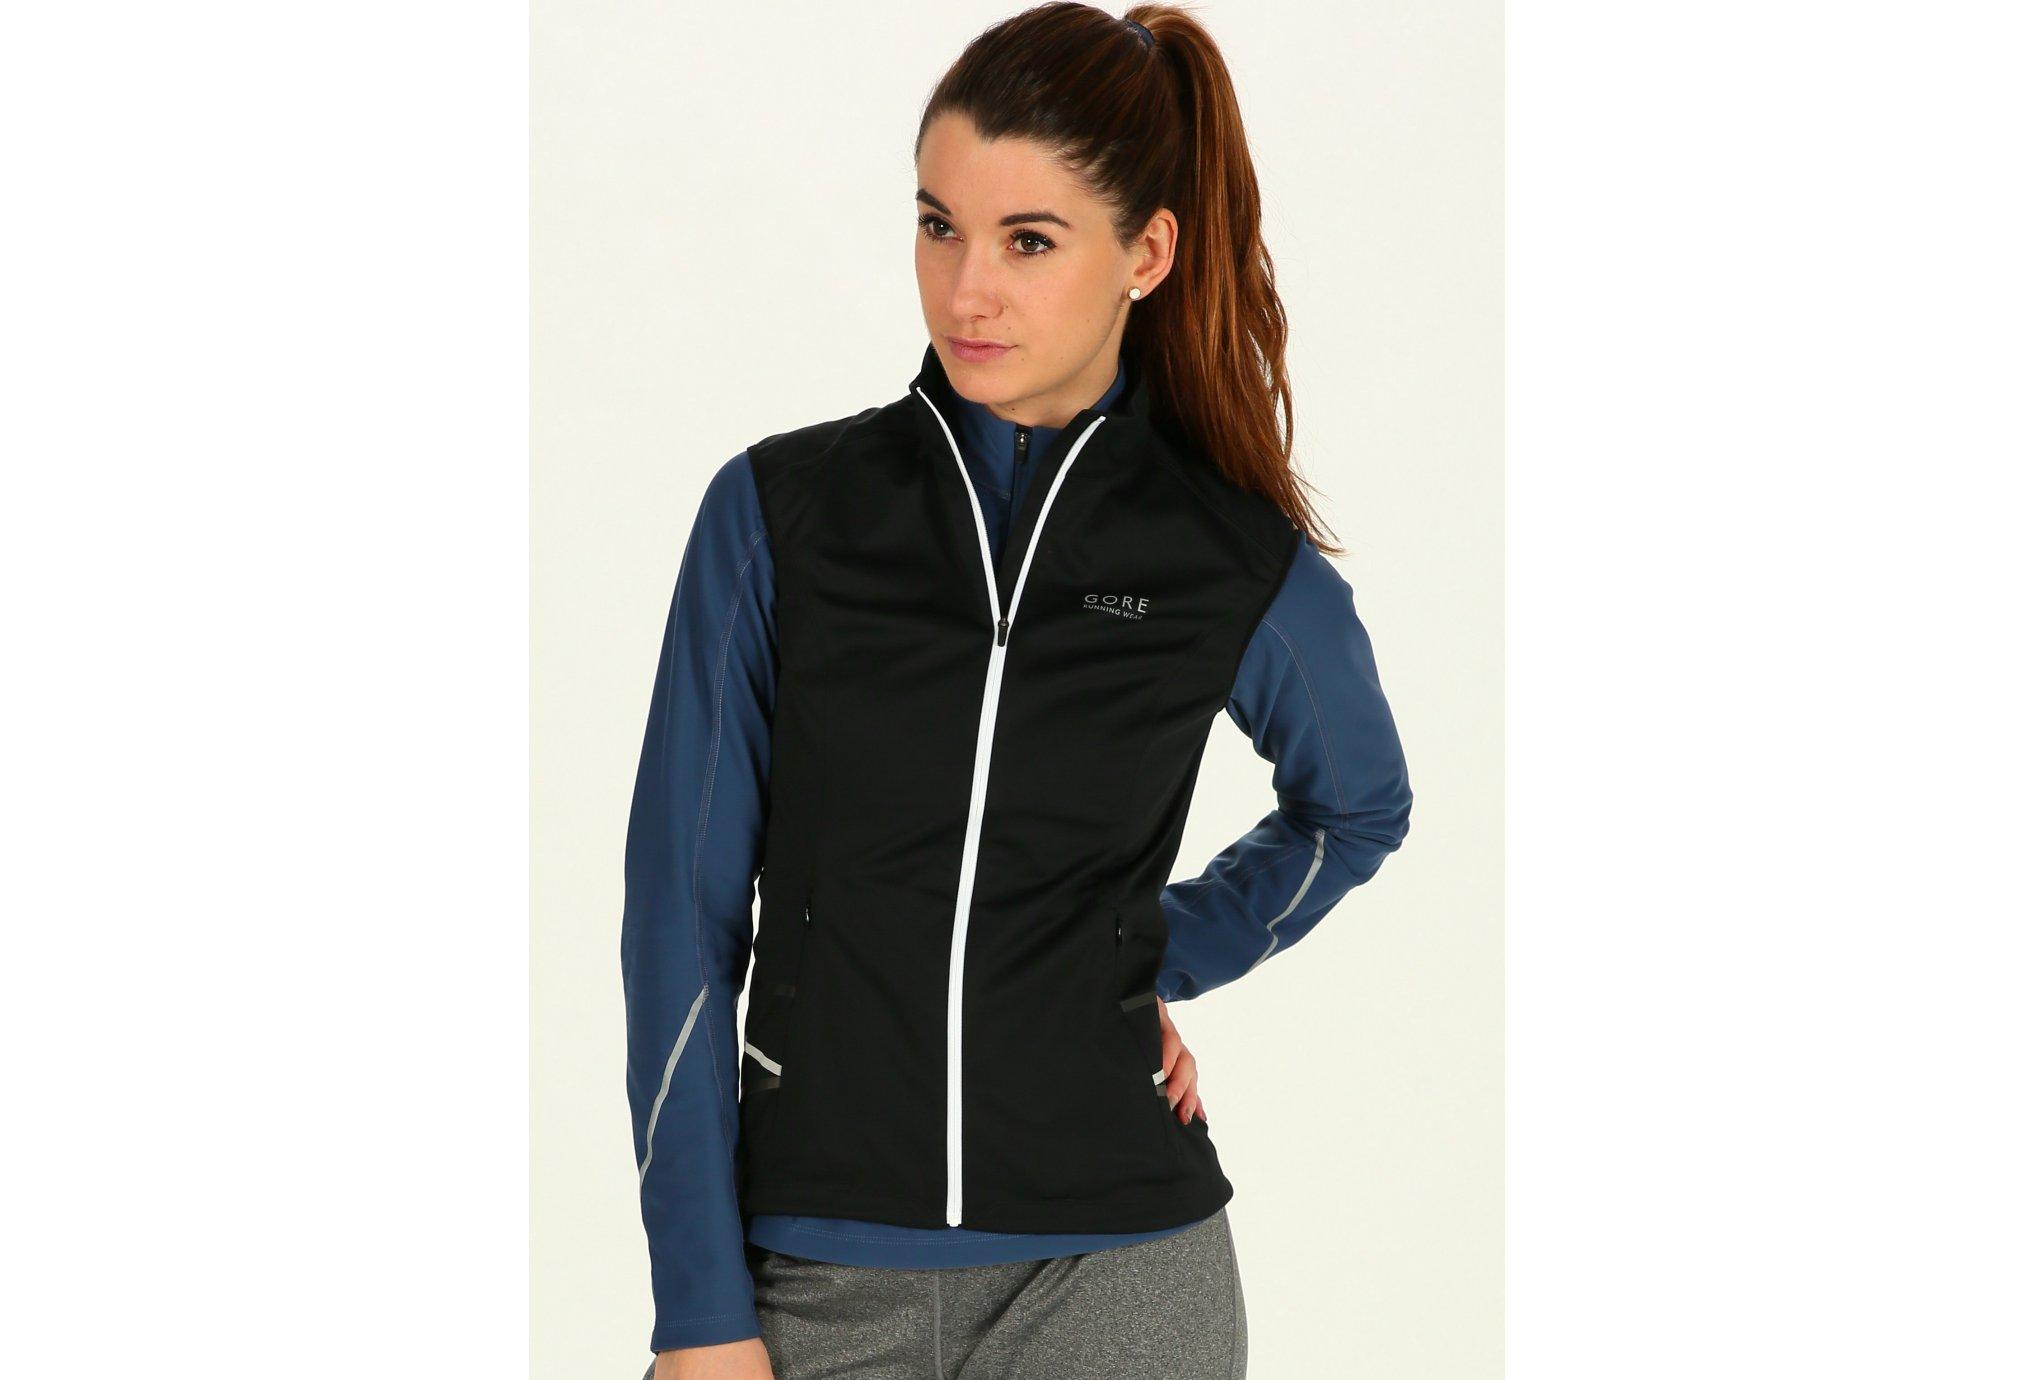 Gore Wear Gilet Mythos 2.0 WindStopper Soft Shell Lady Light W Diététique Vêtements femme